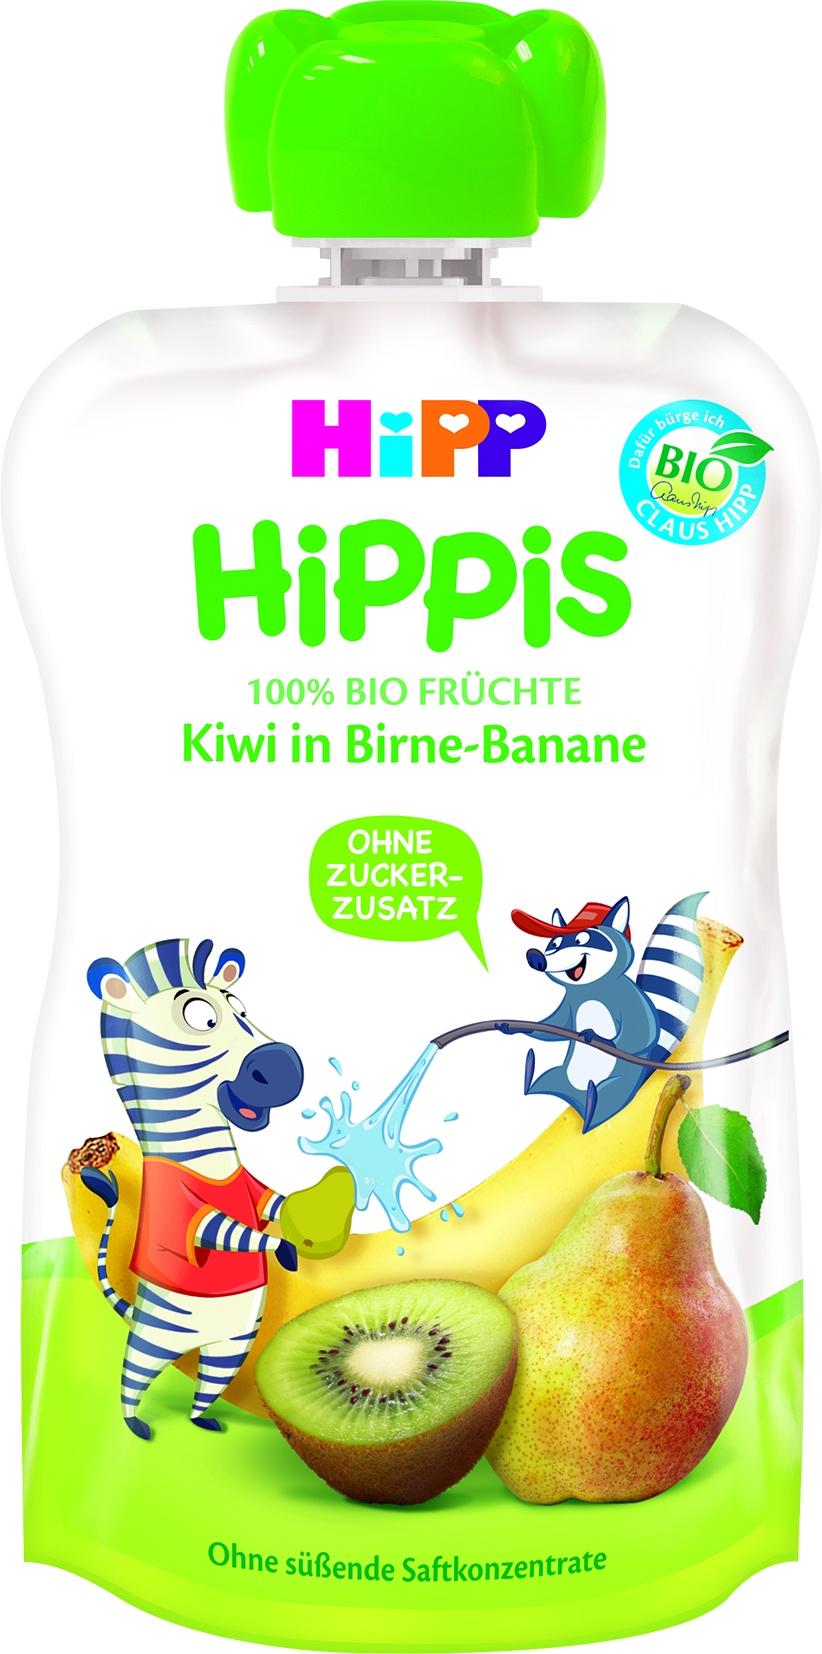 8527-01 Hippis Kiwi/Birne/Banane